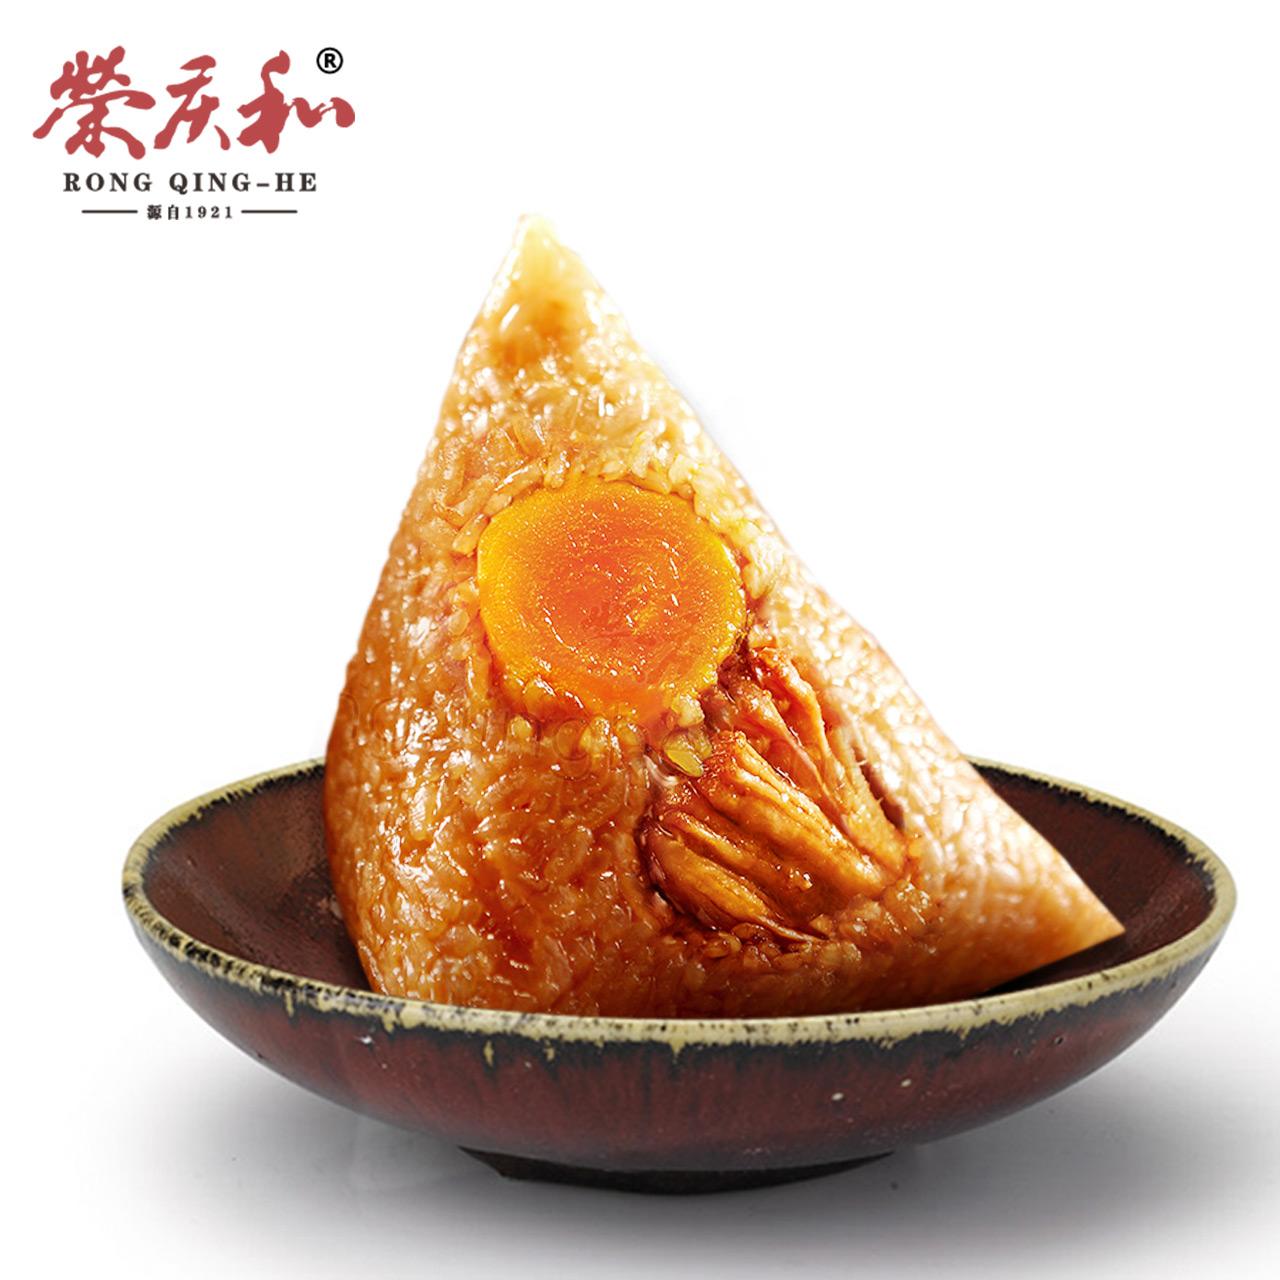 榮慶和蛋黃肉粽等4口味10隻150克招牌嘉興大粽子